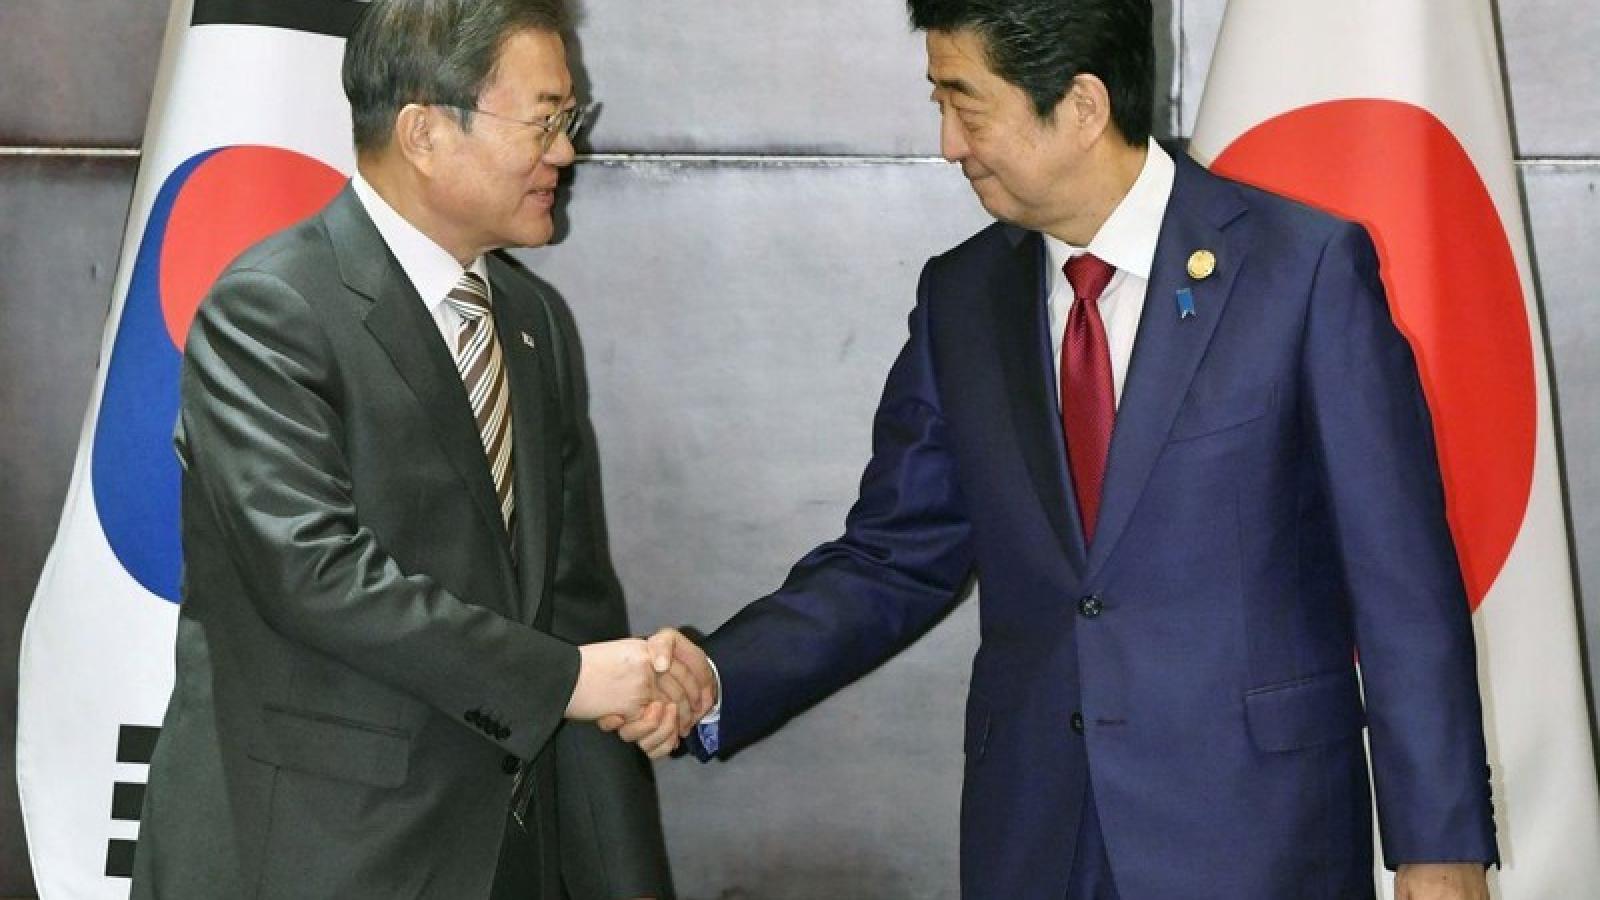 Quan hệ Nhật Bản và Hàn Quốc ấm dần trong đại dịch Covid-19